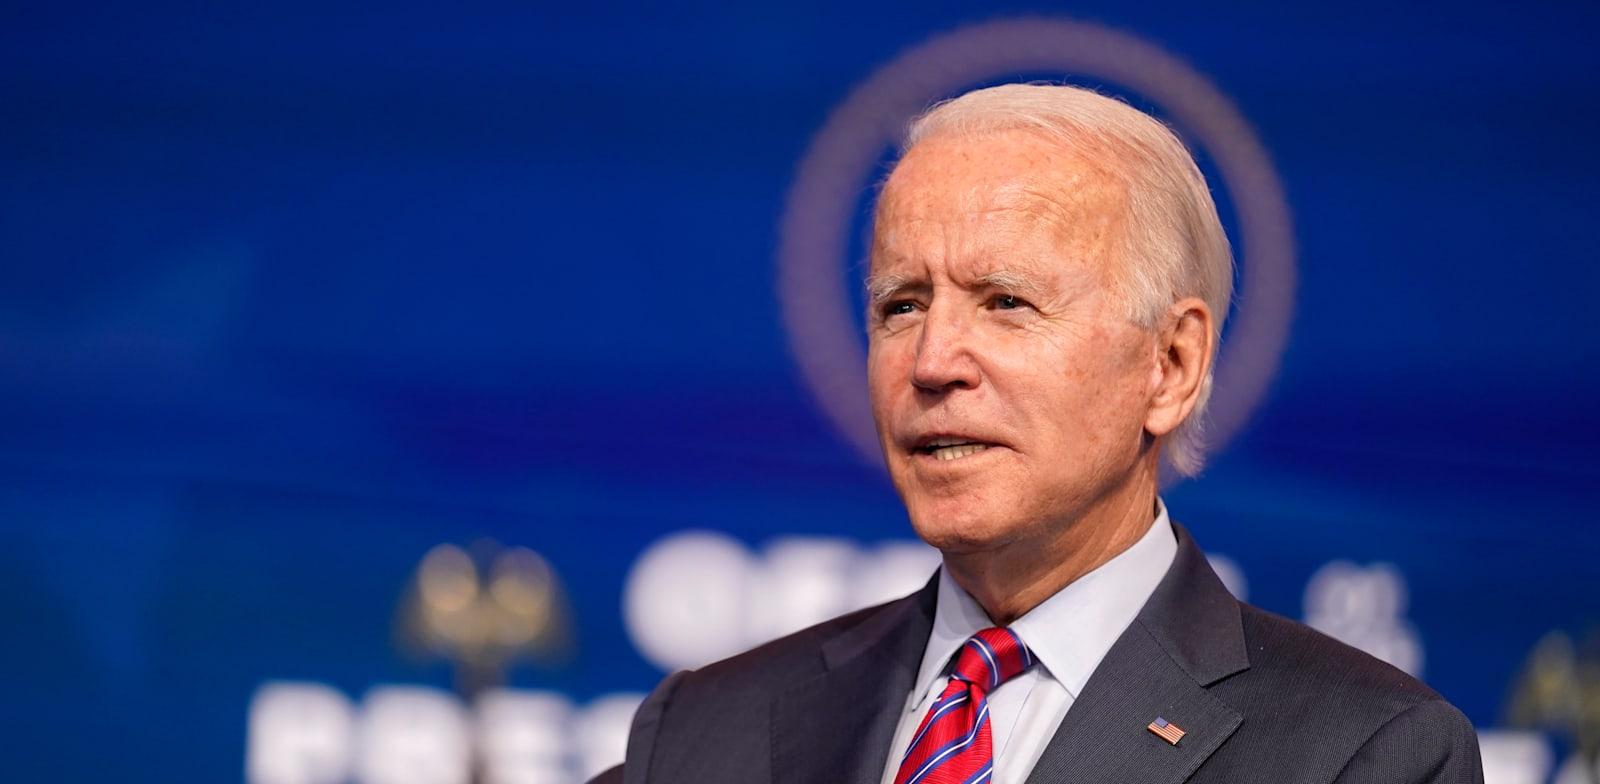 ג'ו ביידן בווילמינגטון, דלאוור בסוף השבוע. המפלגה עשתה מאמץ עליון לאחות קרעים עמוקים, ולהתלכד סביבו. עכשיו הוא חייב להם / צילום: Associated Press, Andrew Harnik